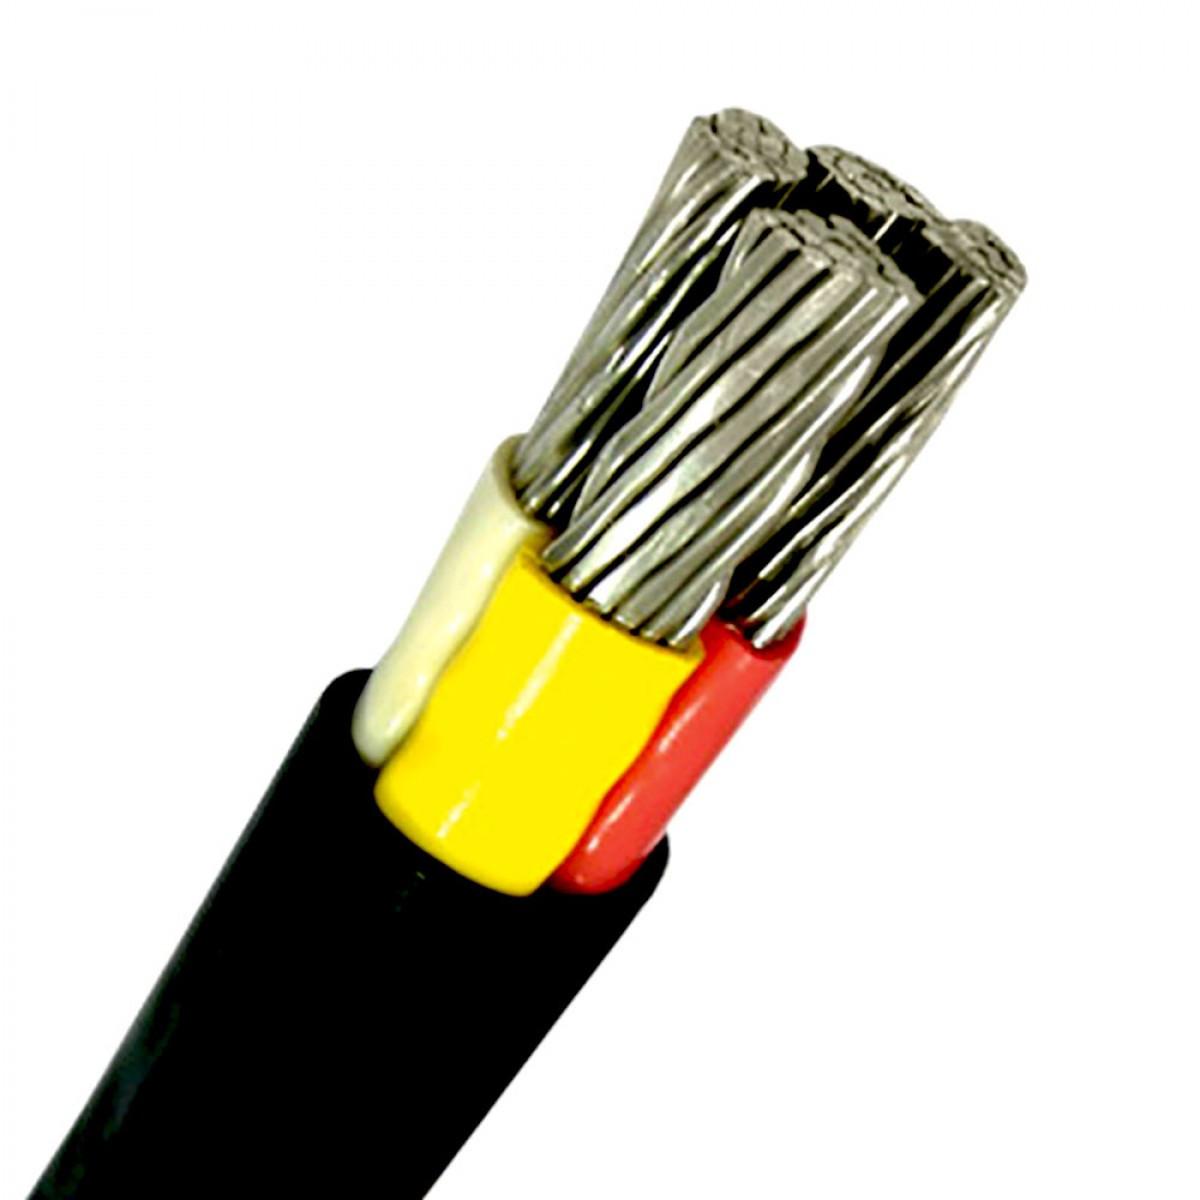 АВВГнг-LS 1х240 - кабель силовой алюминиевый с изоляцией пониженной горючести